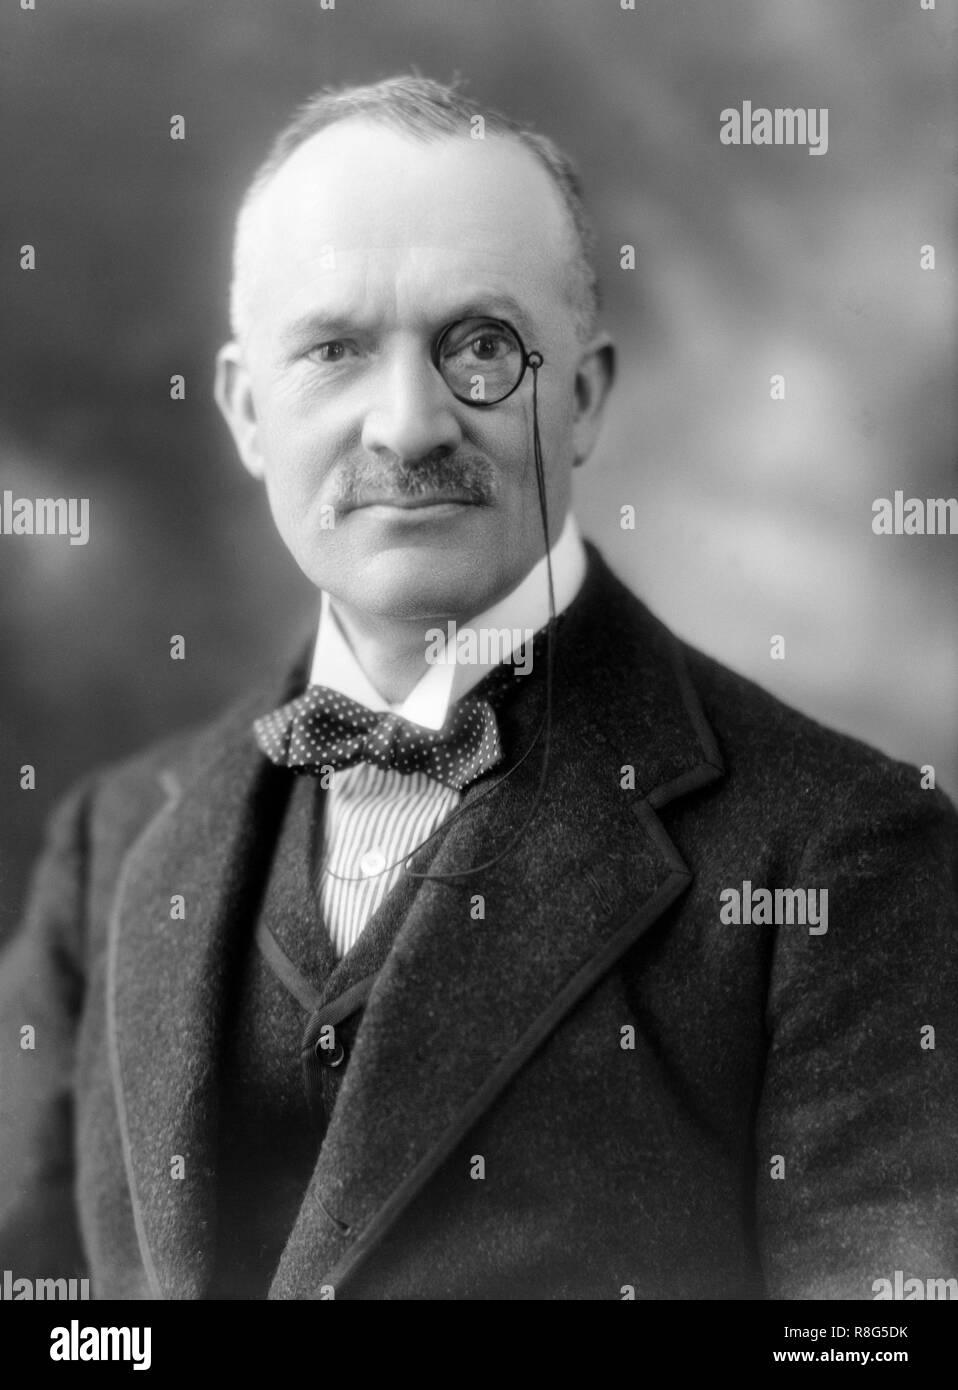 Principales Leonard Greenham Star Molloy, DSO (1861-1937) fue un médico y político británico, nacido en Naas, Condado de Kildare, Irlanda.fue nombrado teniente cirujano en el Duque de Lancaster la propia Yeomanry en 1901, y fue nombrado teniente cuando él renunció a su comisión como un cirujano en julio de 1902. Durante la I Guerra Mundial sirvió en Francia y la Sede (despachos dos veces) y fue segundo en el mando de la 23ª División. Principales Molloy fue premiado con la orden del Servicio Distinguido (DSO) en 1917. Él se retiró del ejército en 1921. Fue miembro honorario vitalicio de la Asociación de ambulancias de San Juan. Imagen De Stock